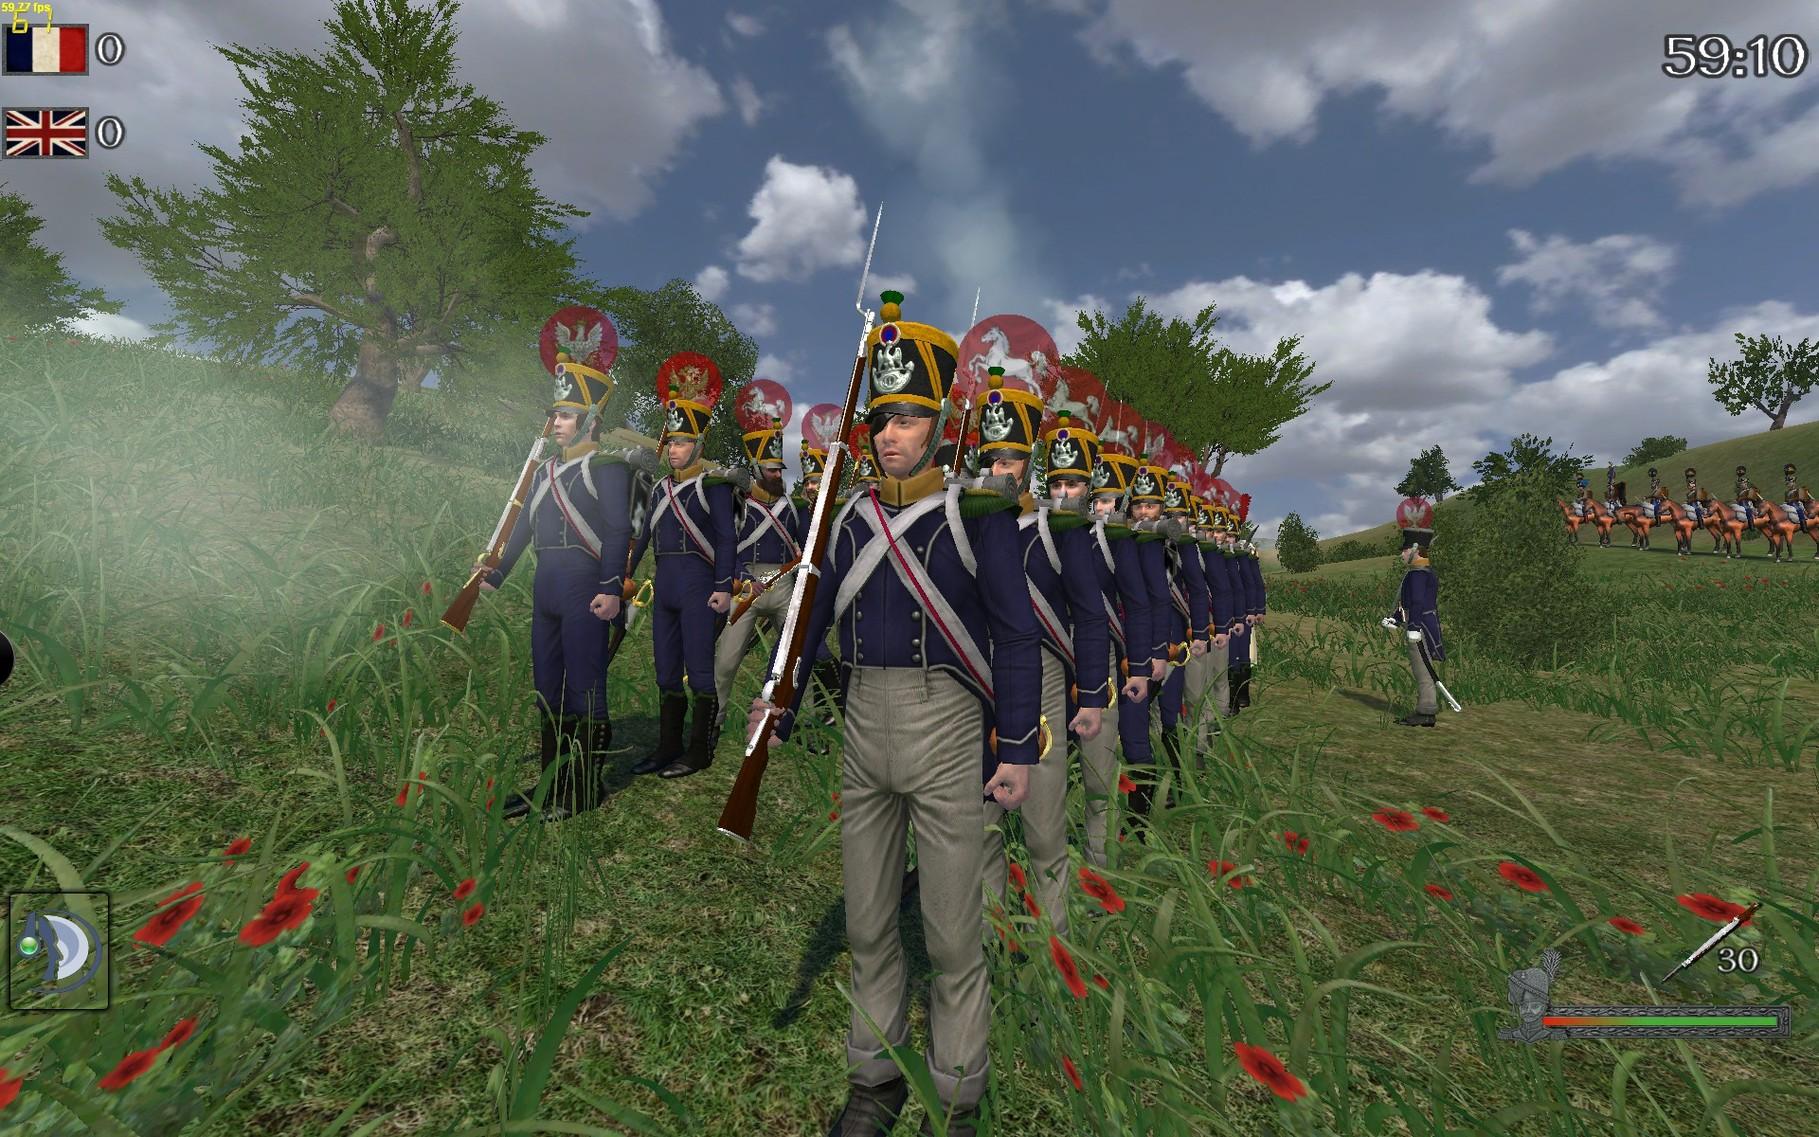 Während des Linebattles das Regiment aufgeteilt in zwei Linien.